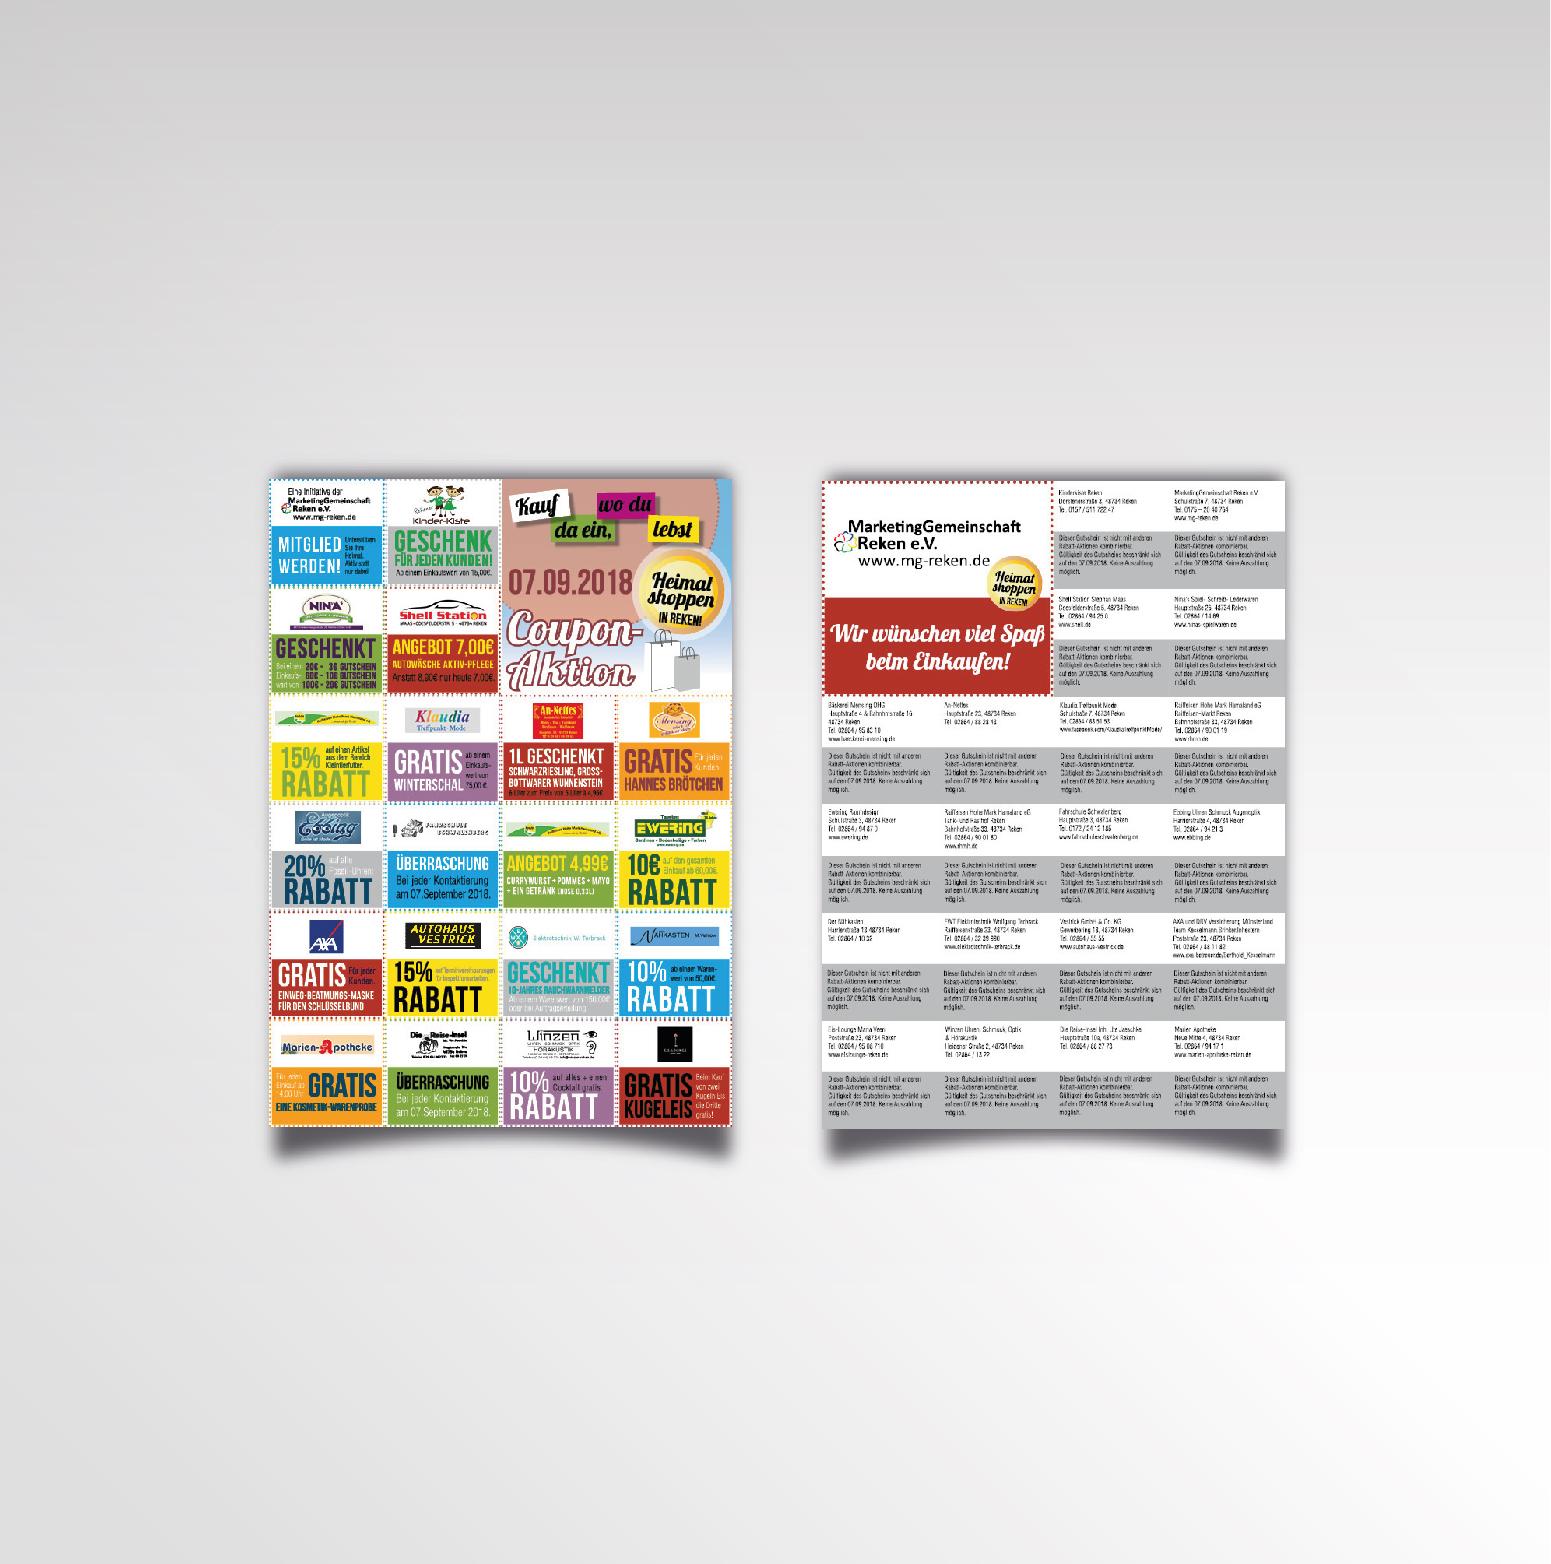 Heimatshoppen Coupons Flyer Marketinggemeinschaft Reken Couponaktion